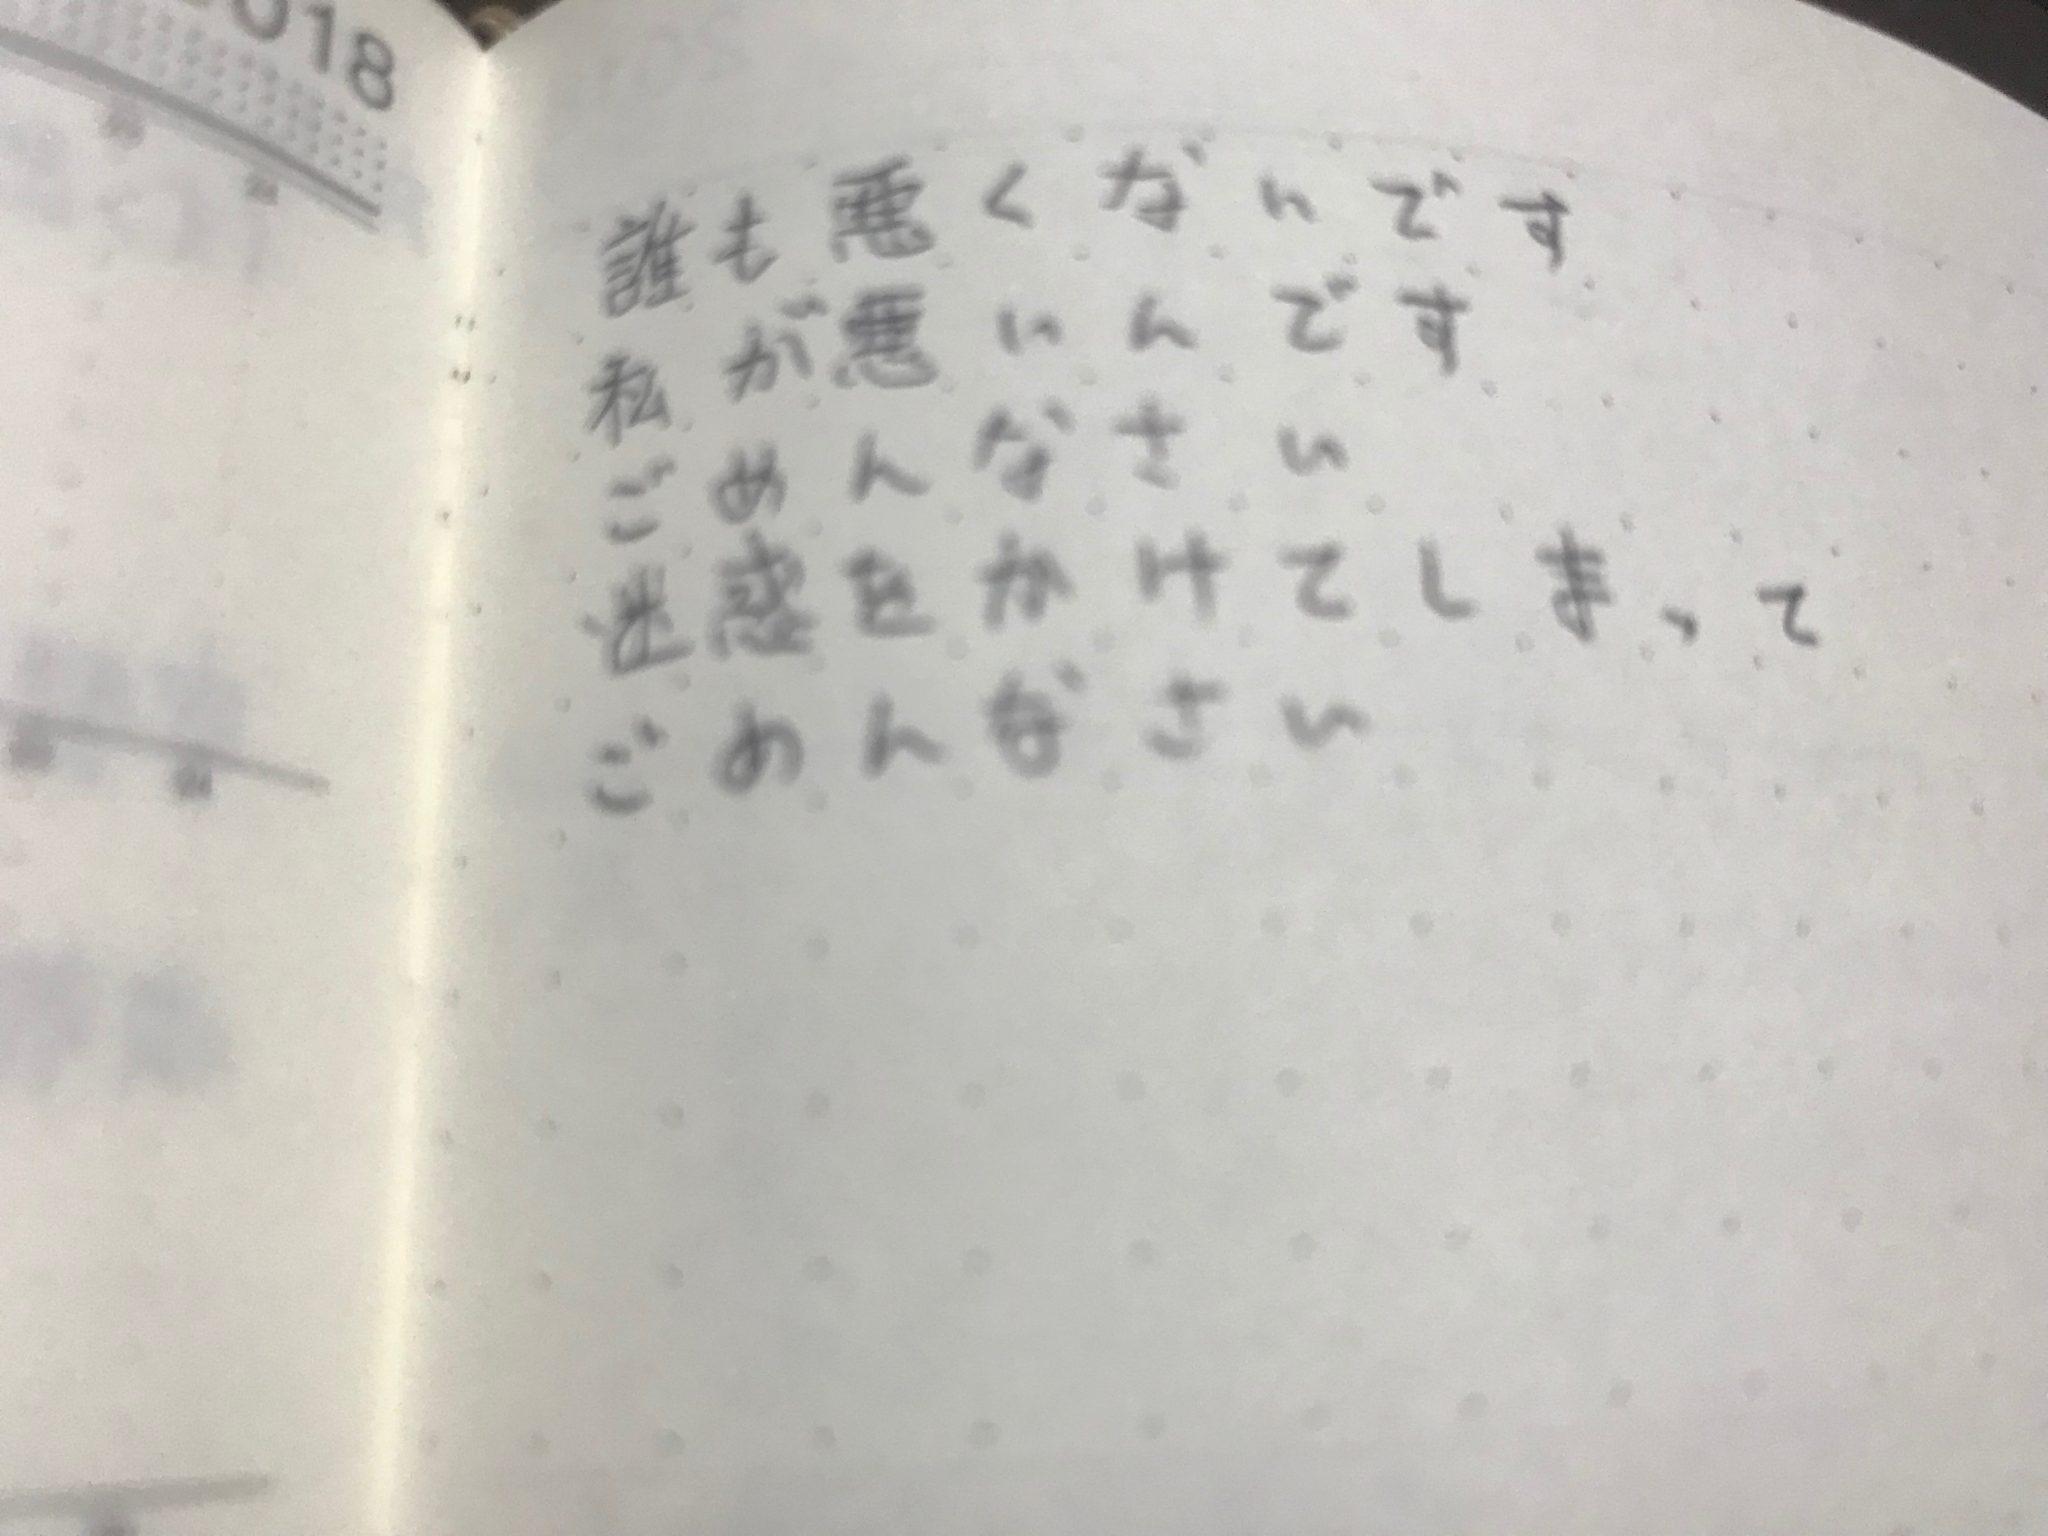 手帳のメモ